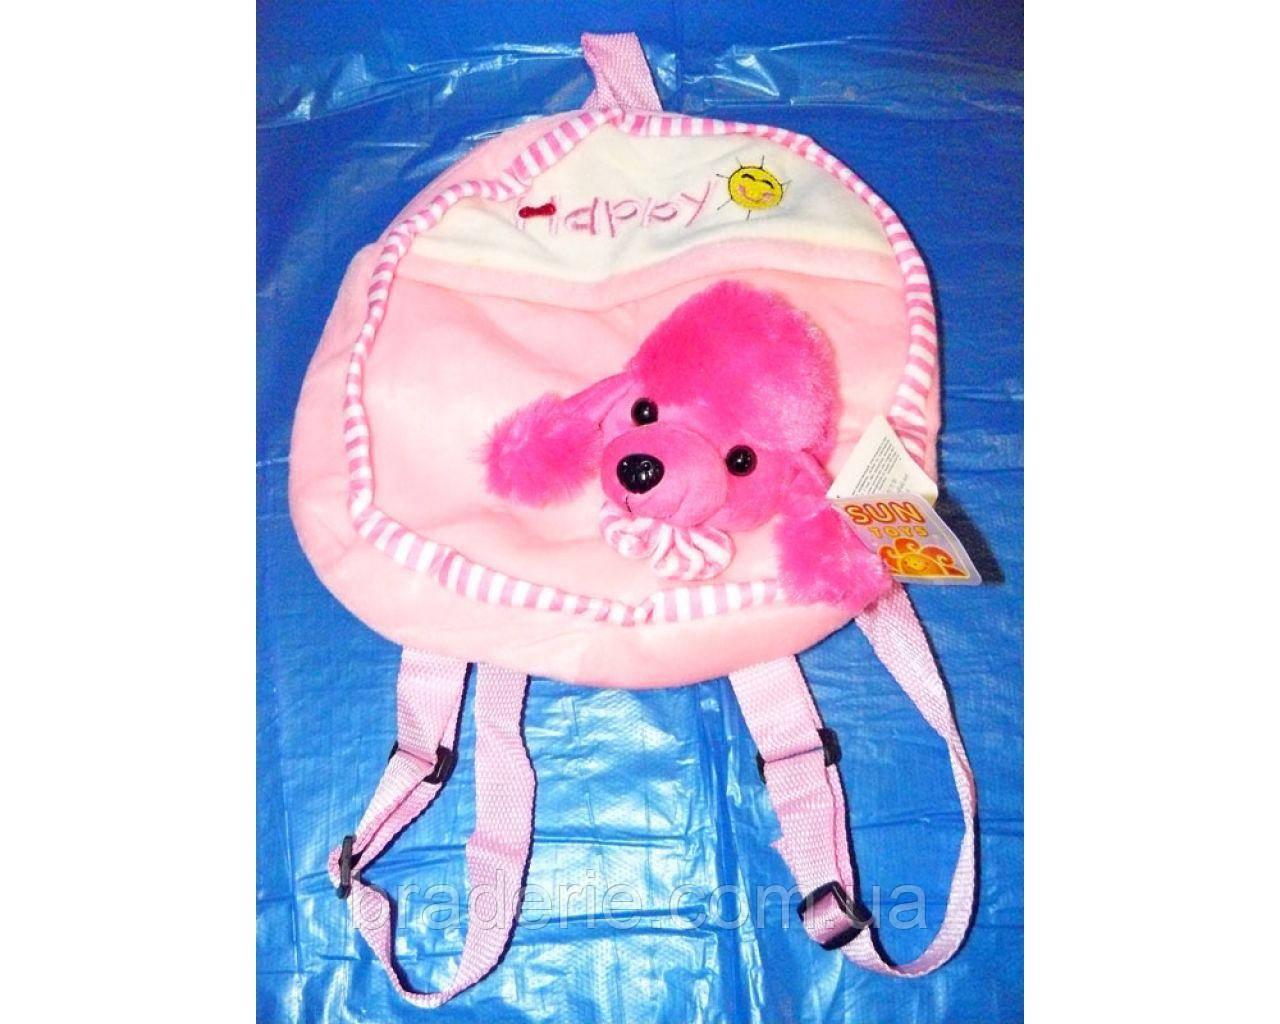 Мягкая игрушка-рюкзак Собачка SP17170-2